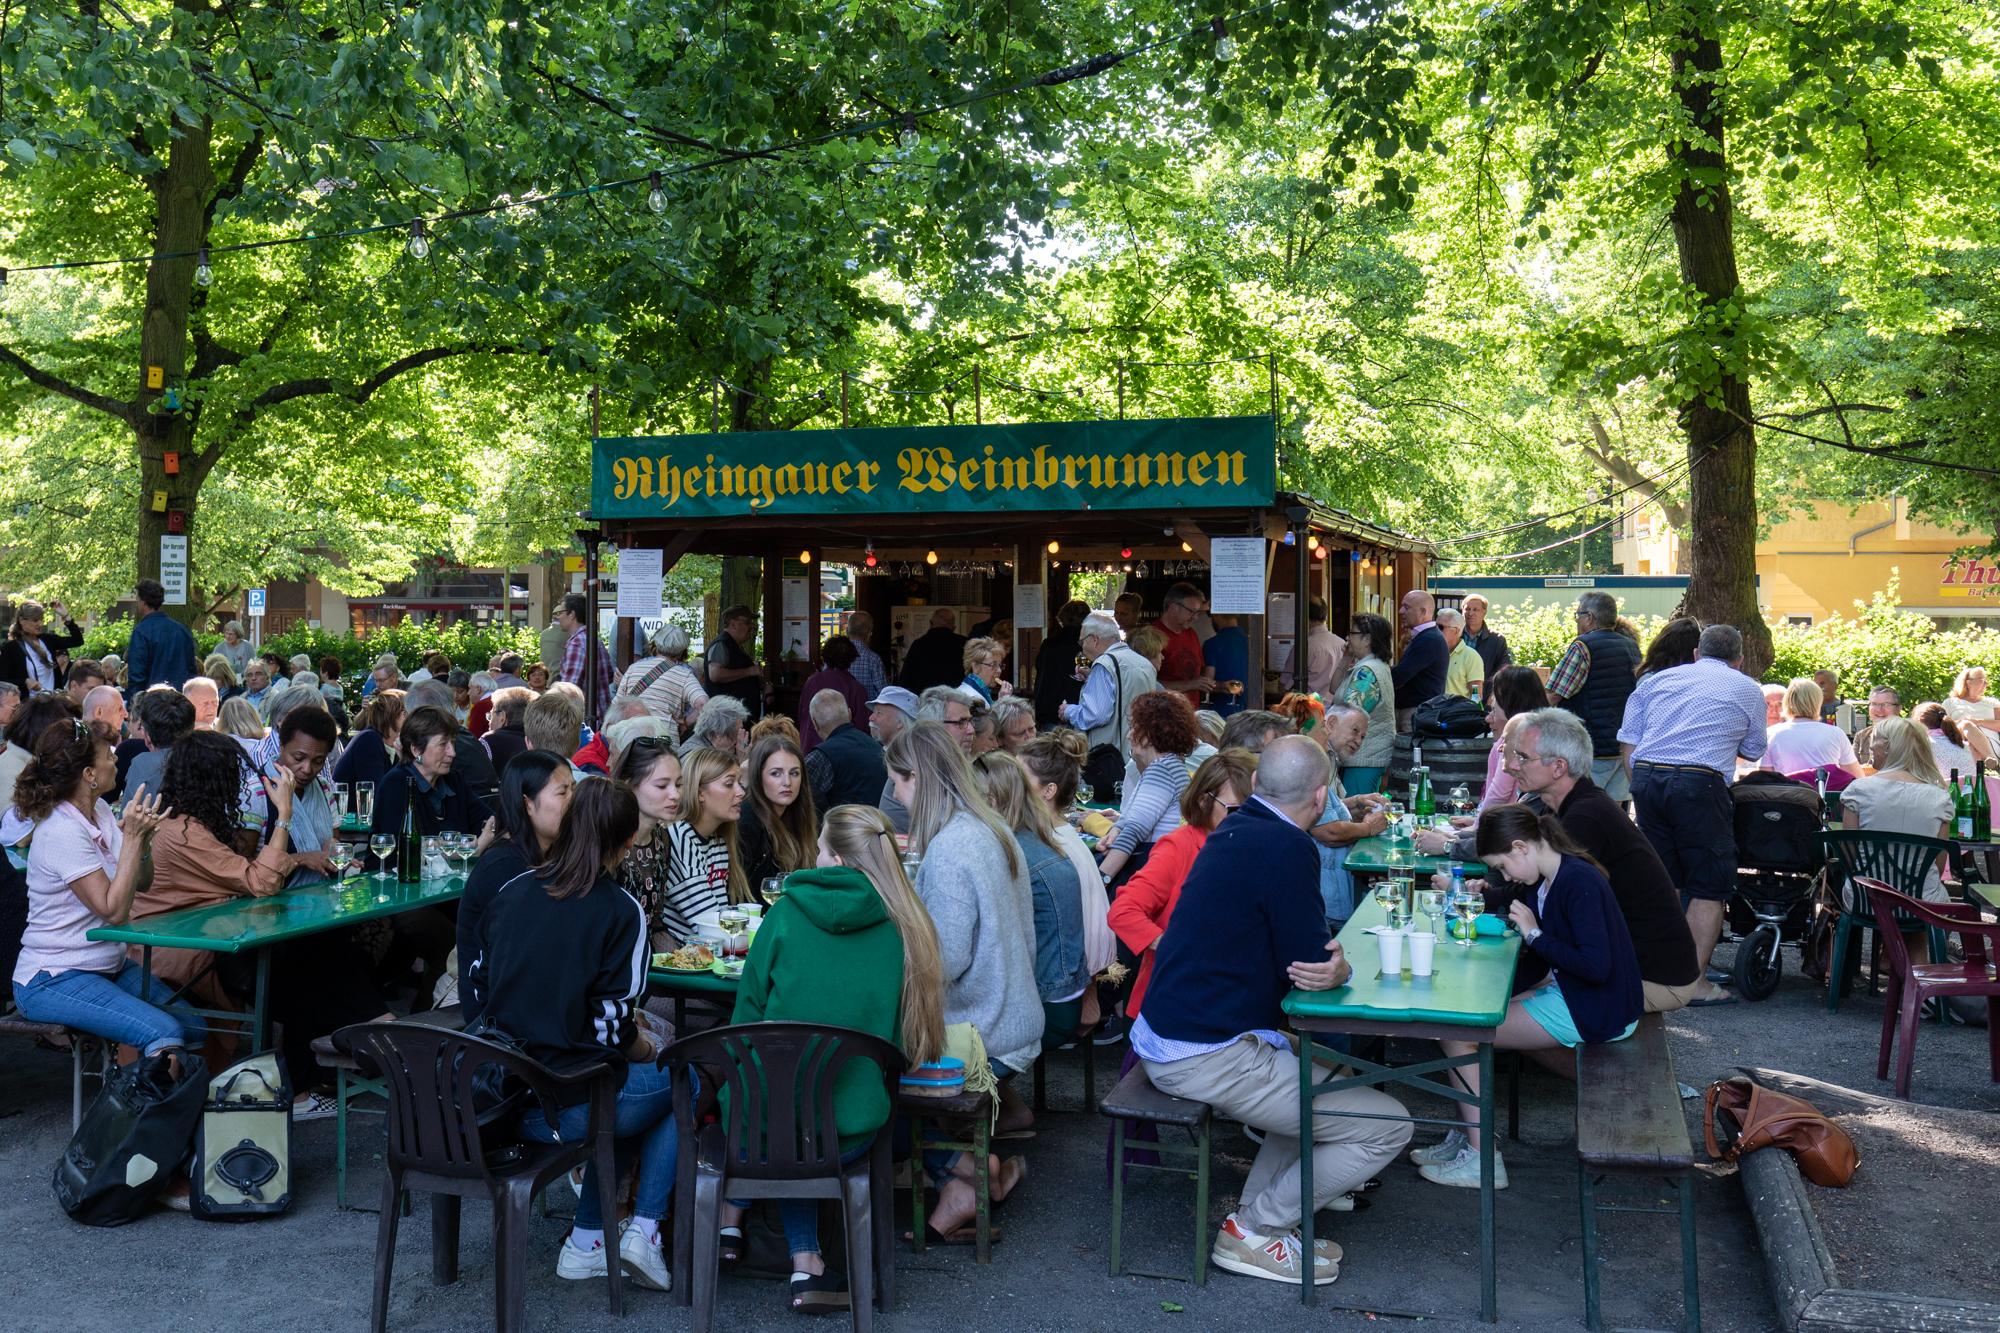 Rheingauer Weinbrunnen - eine Holzhütte, die Weine aus dem Rheingau-Taunus in Hessen am Rüdesheimer Platz in Berlin Wilmersdorf serviert